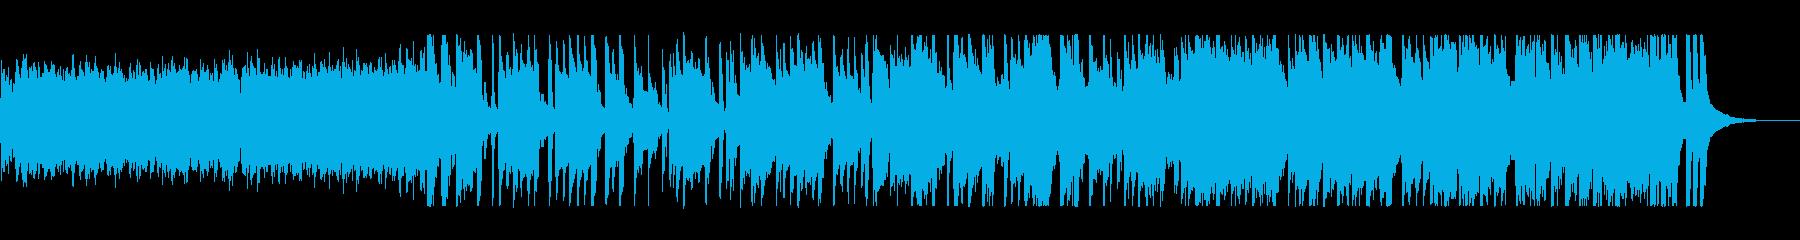 優しく穏やかなクリスマスBGMの再生済みの波形